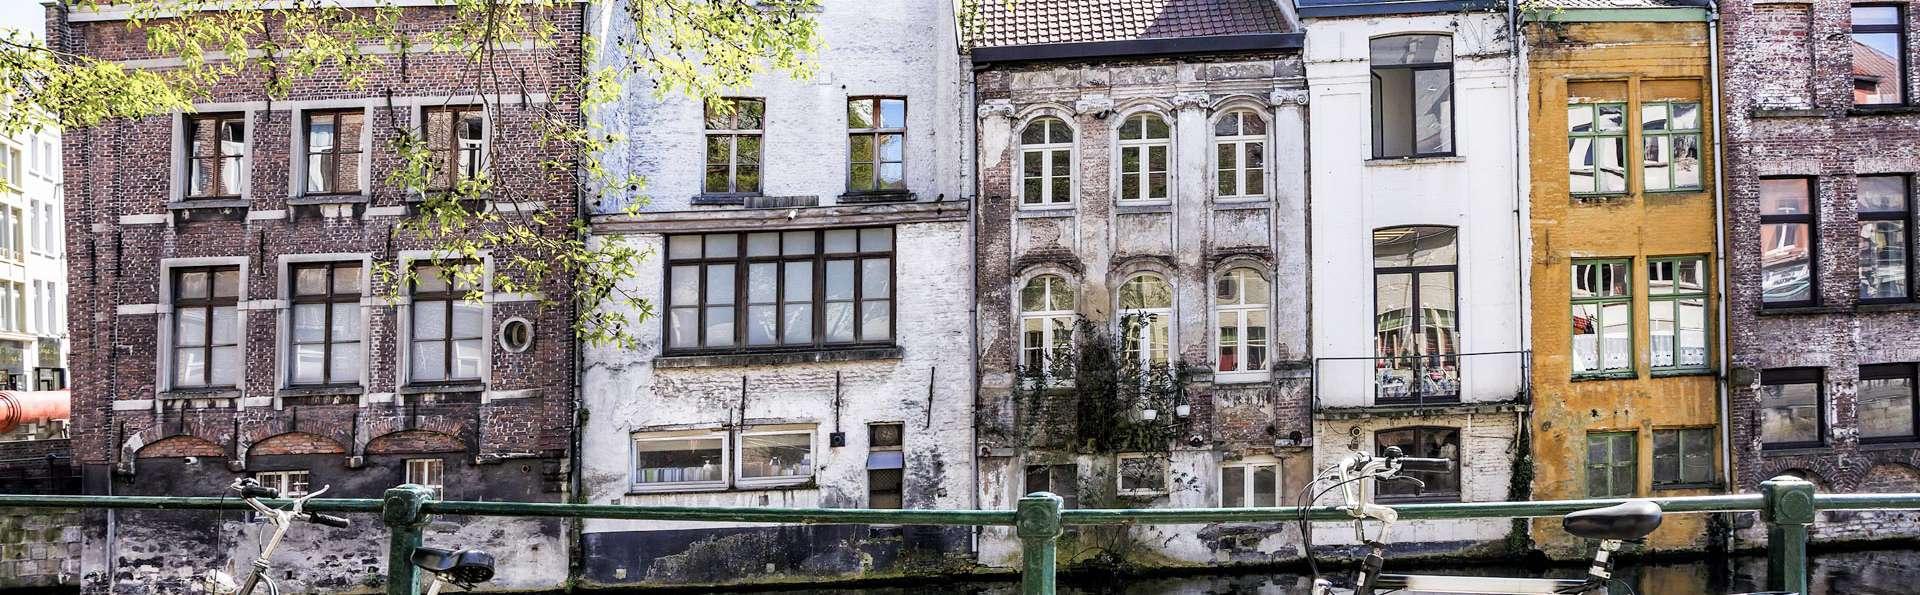 Hotel De Hallen - EDIT_AMSTERDAM_56.jpg